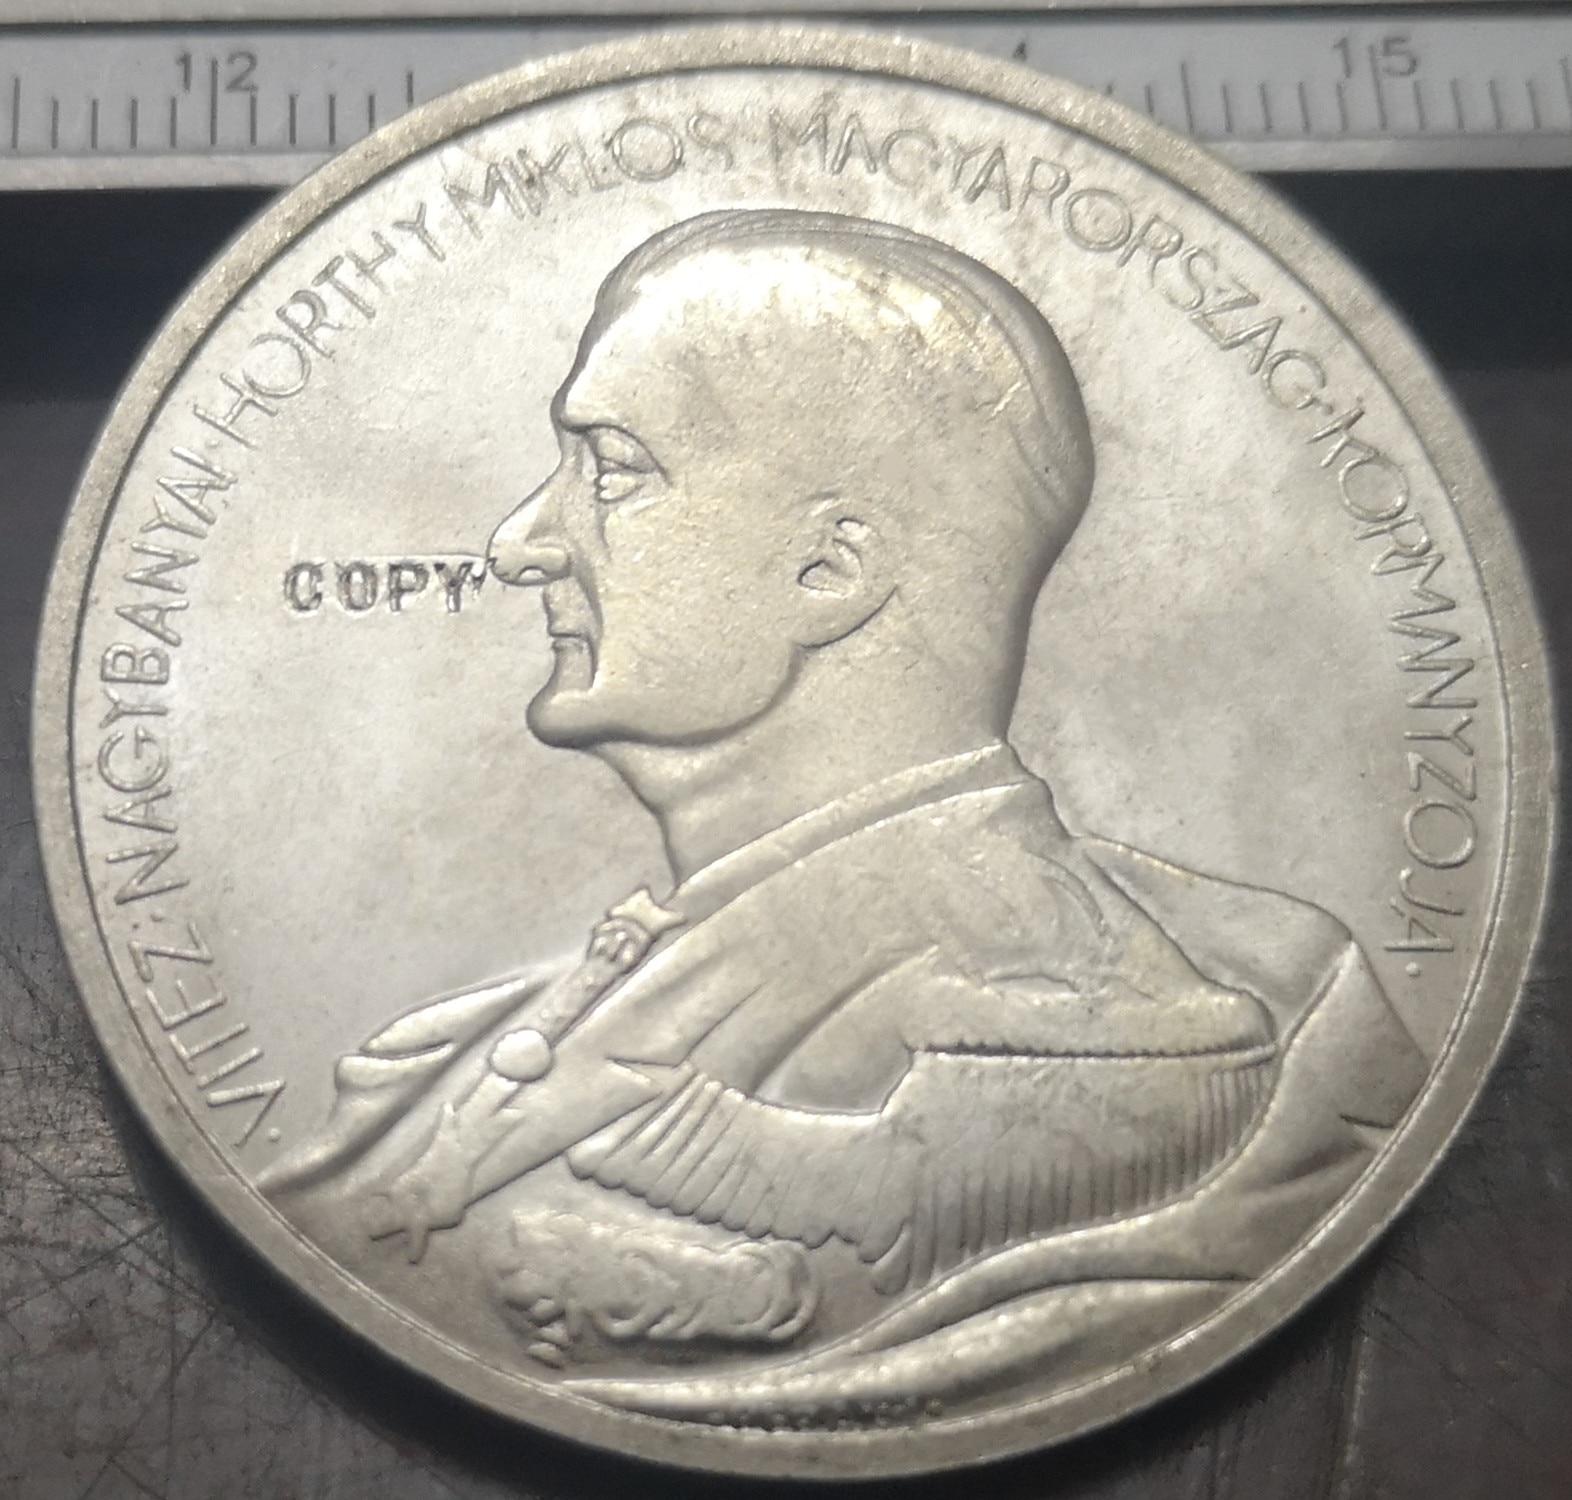 Moneda chapada en plata para cumpleaños, 5 peng-miklos Horthy, 1938